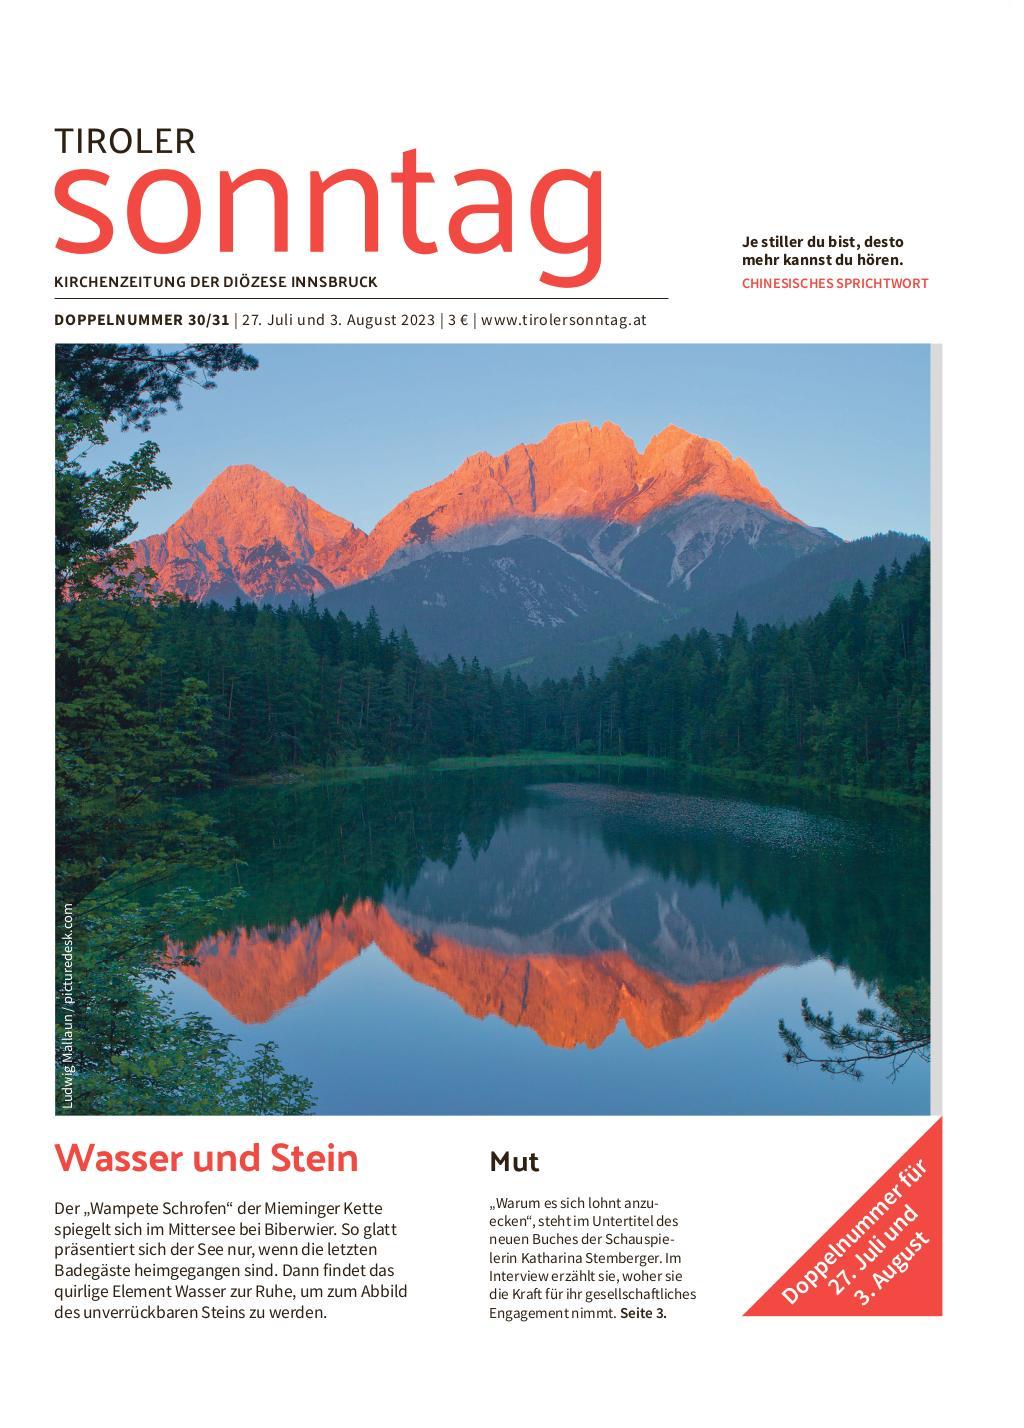 Tirol | TIROLER Sonntag